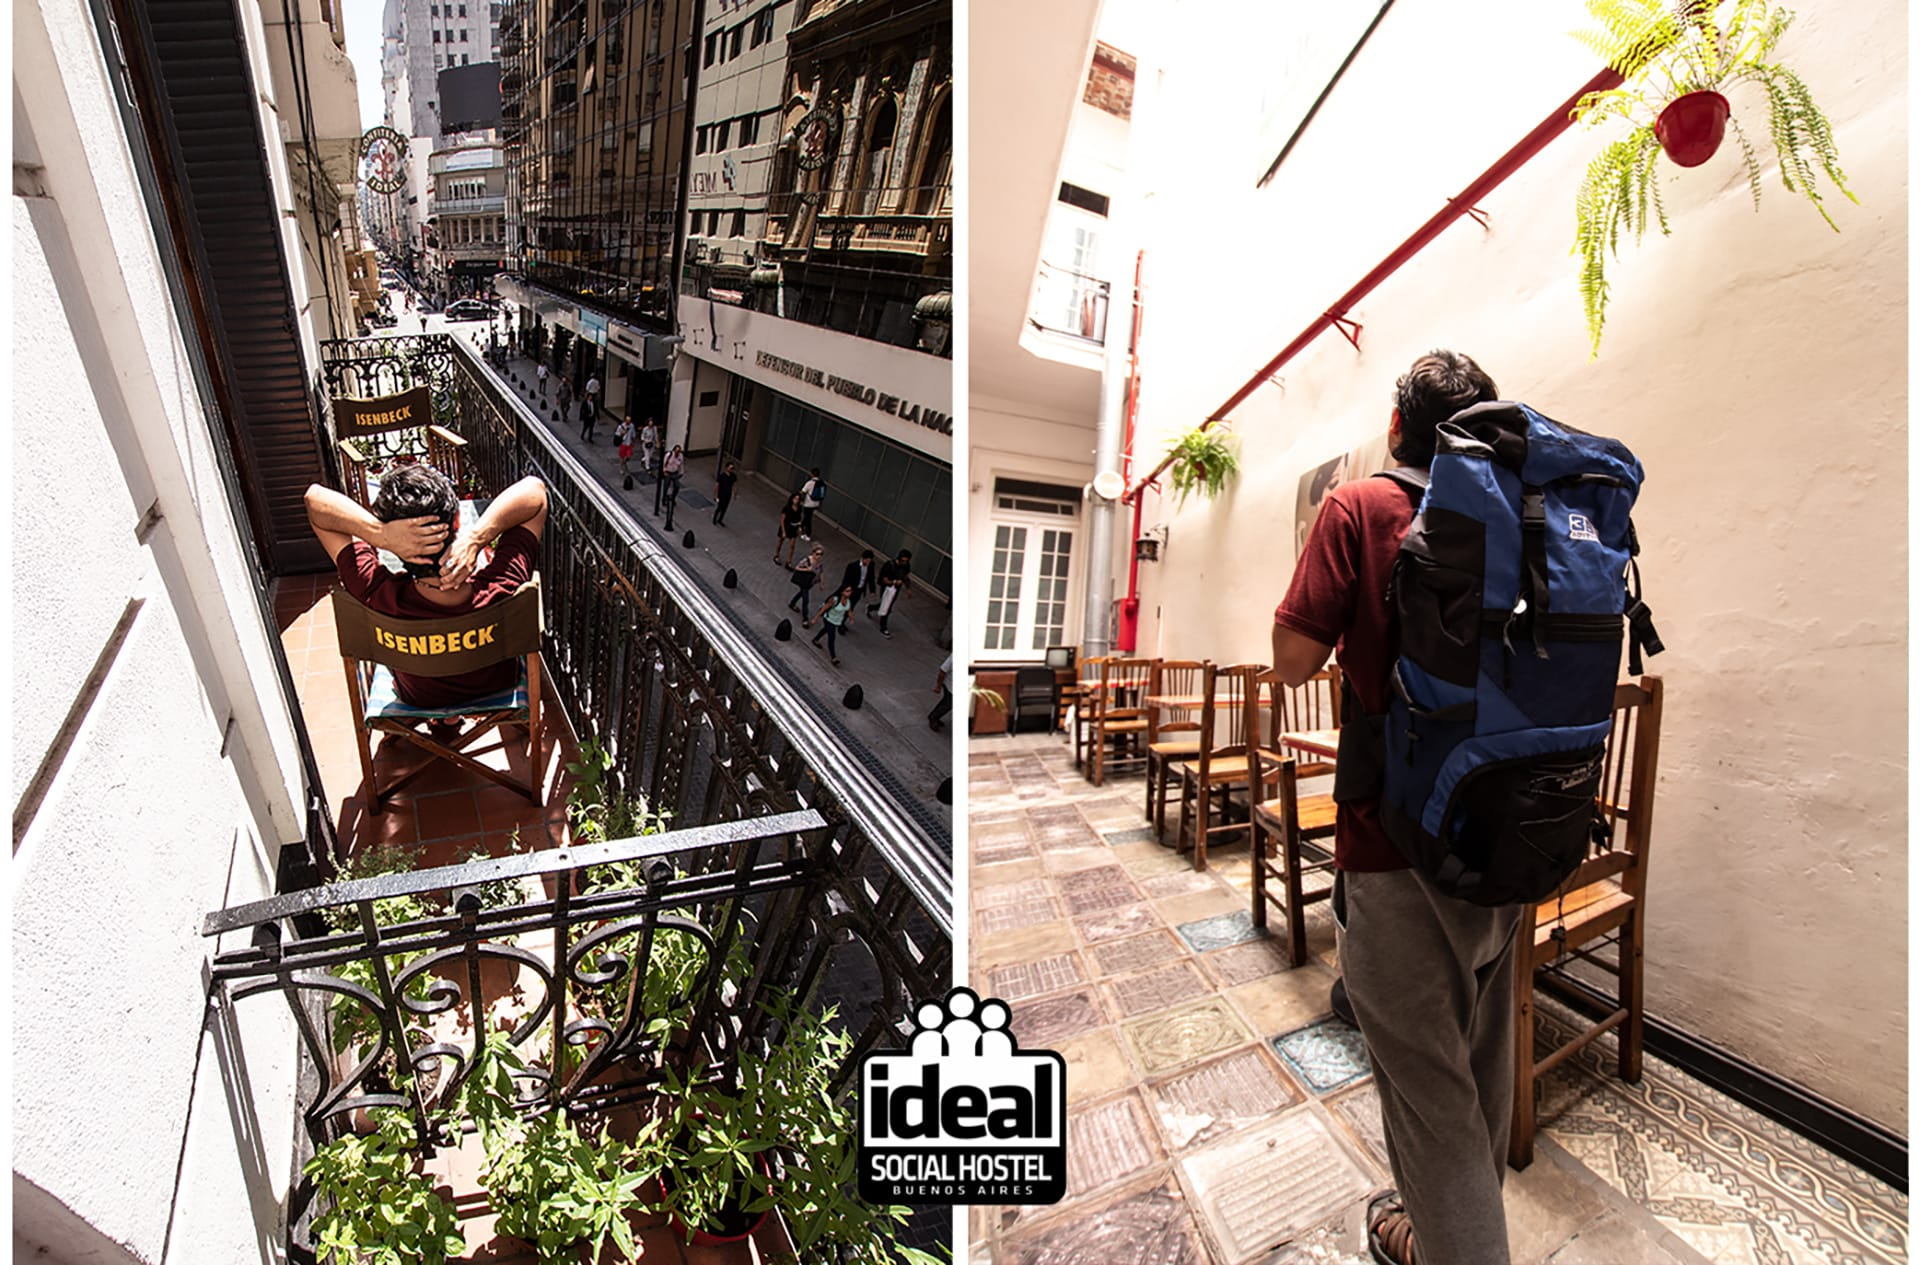 HOSTEL - Ideal Social Hostel